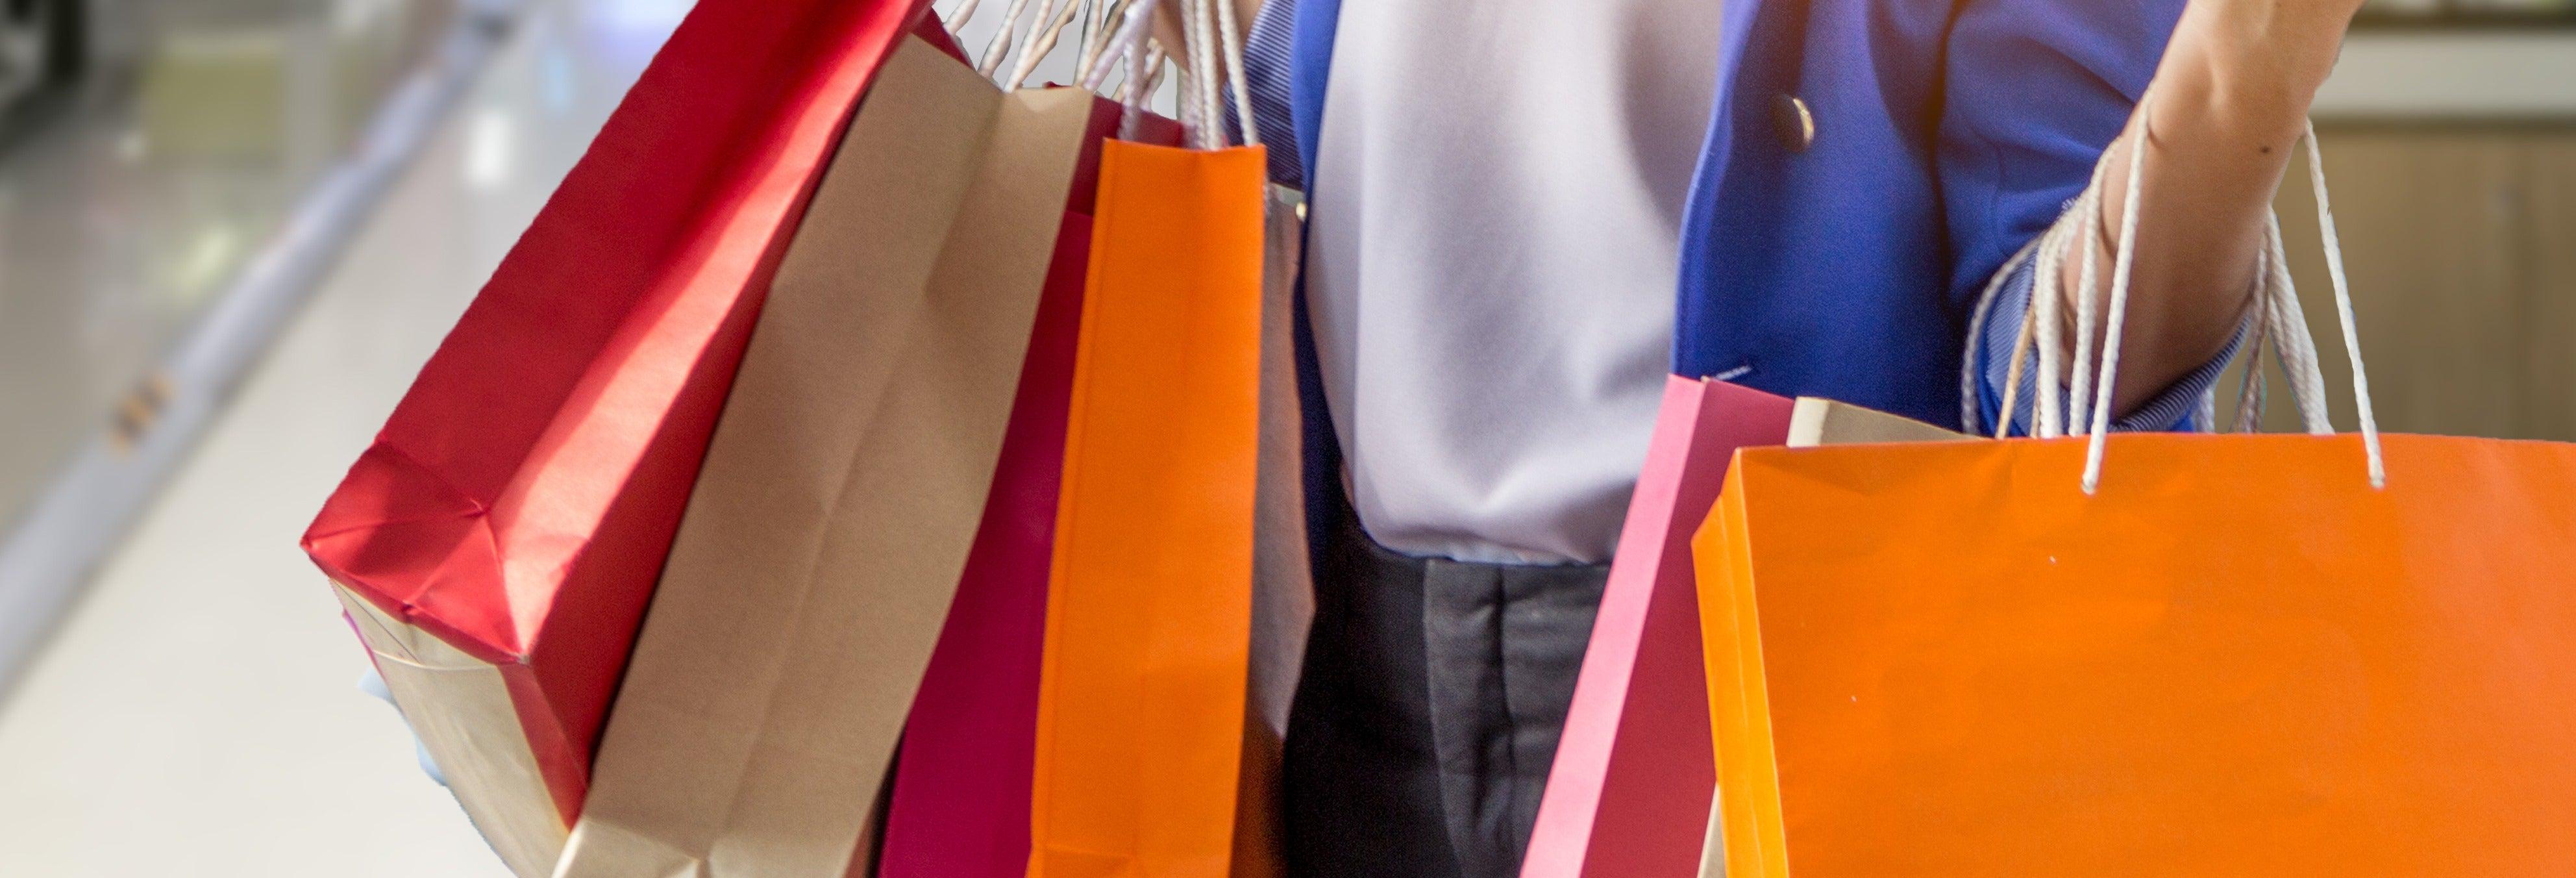 Tour de compras por Florianópolis